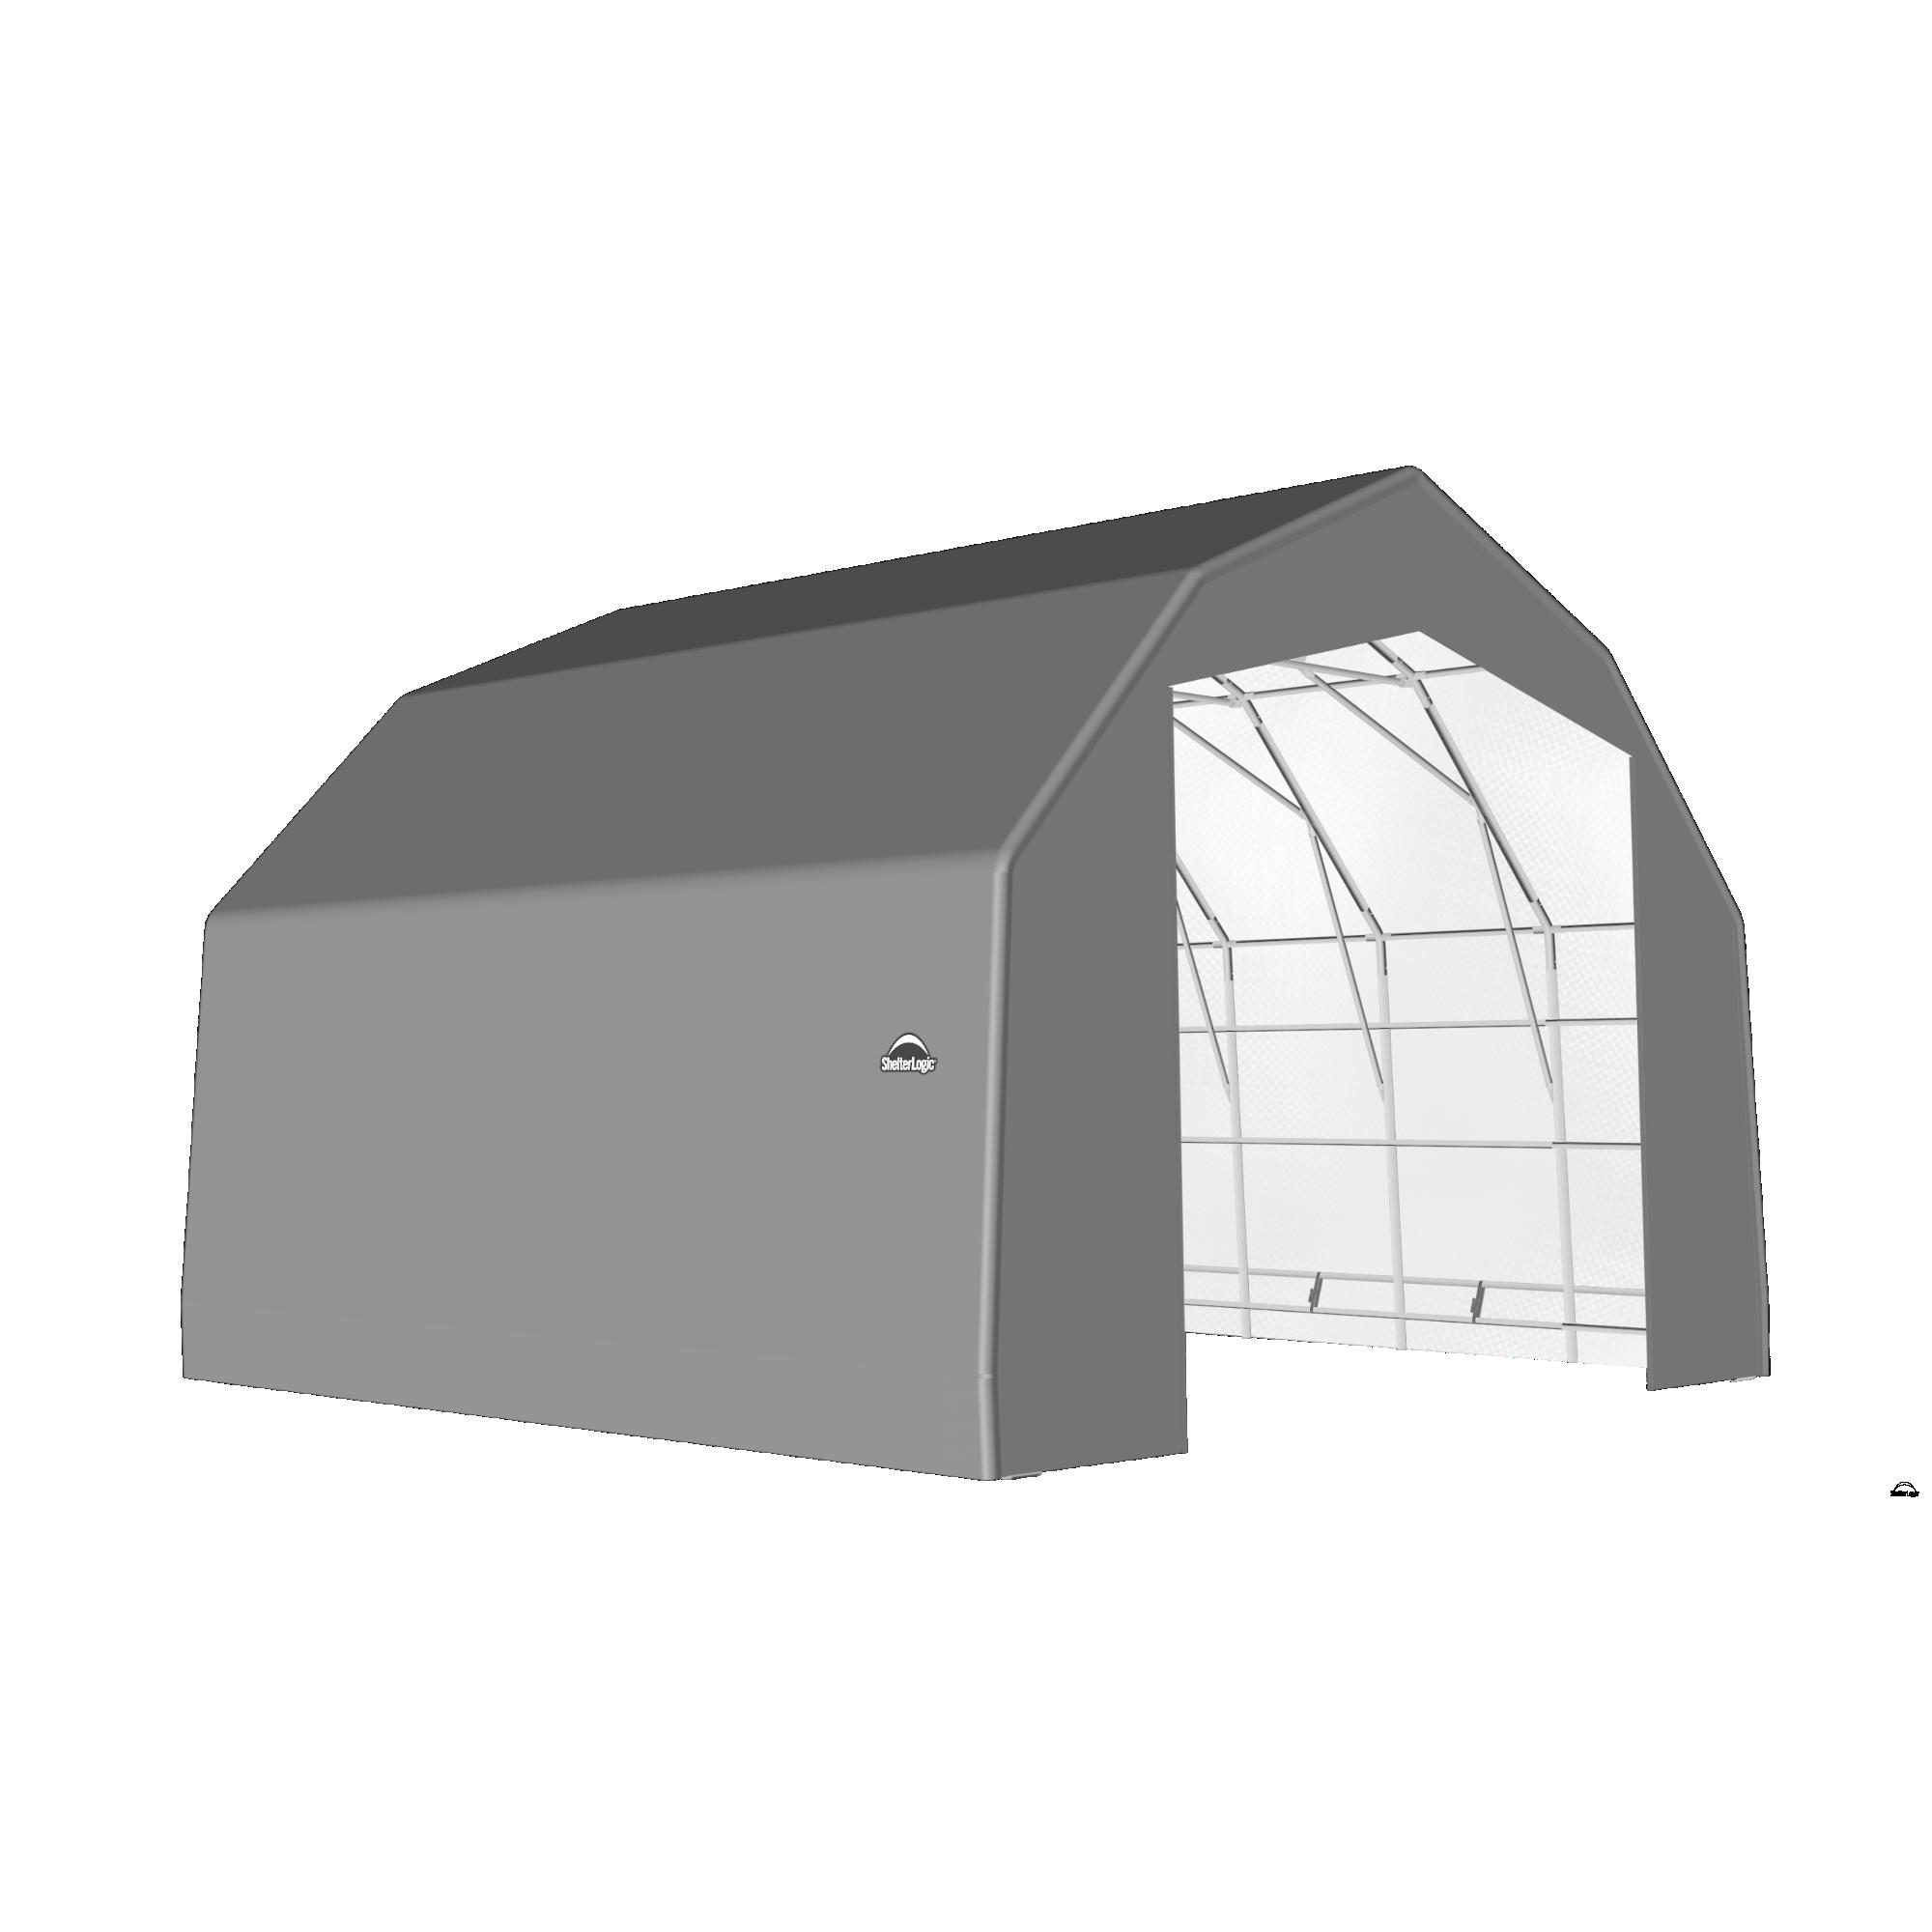 SP Barn 25X20X17 Gray 14 oz PE Shelter